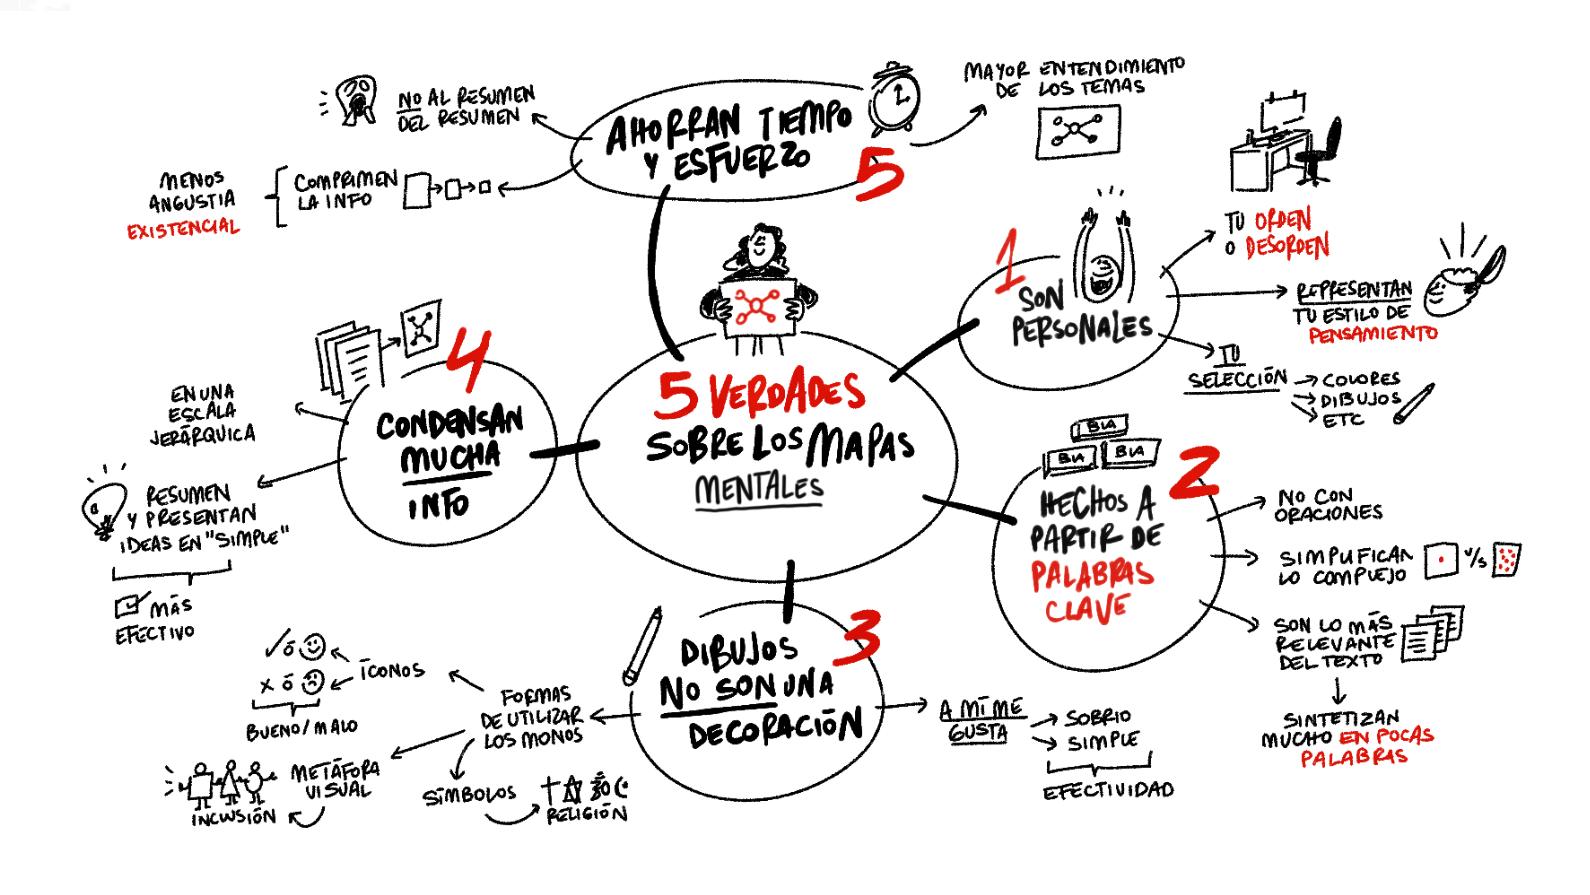 5 verdades mapas mentales en dibujos